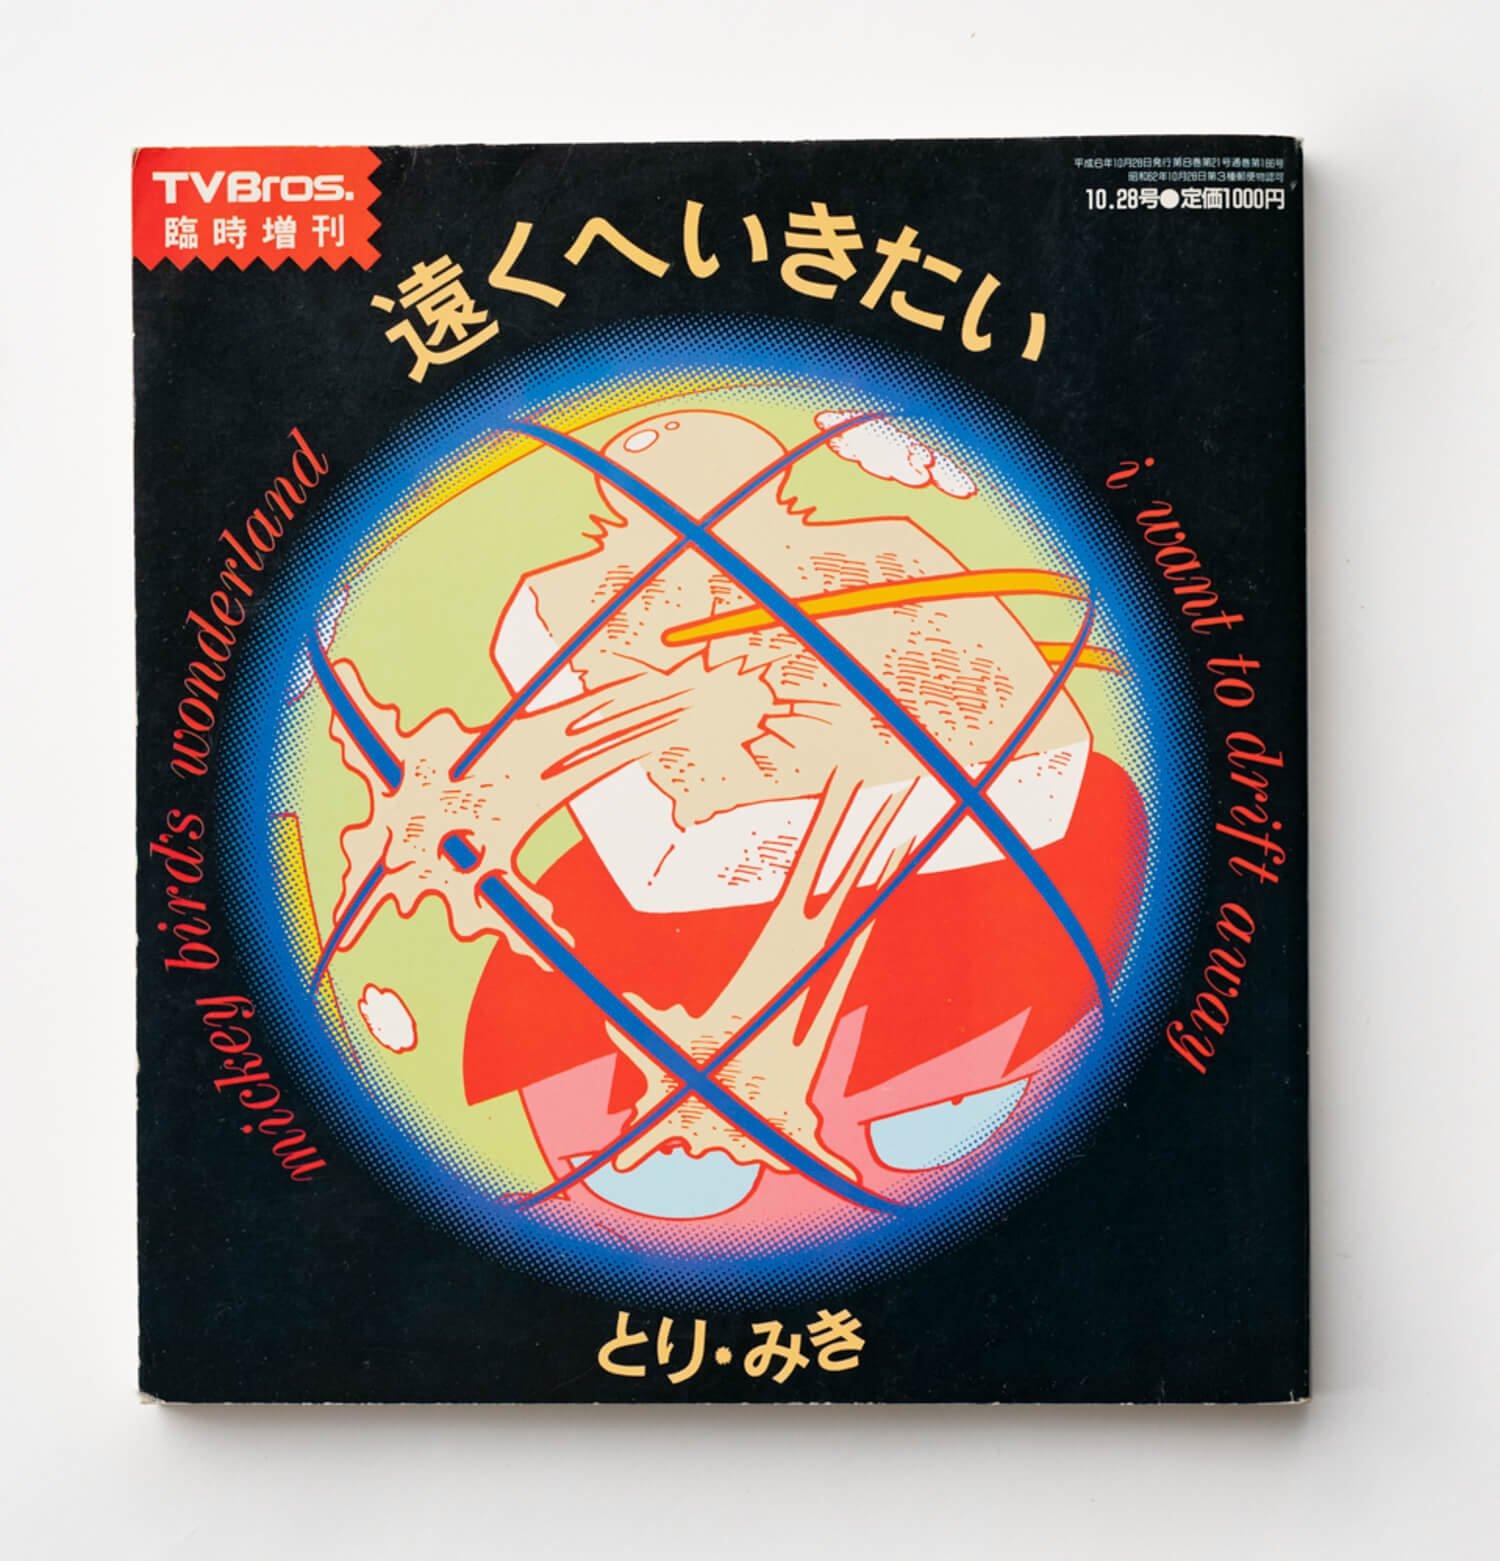 とり・みき 著  東京ニュース通信社/1994年